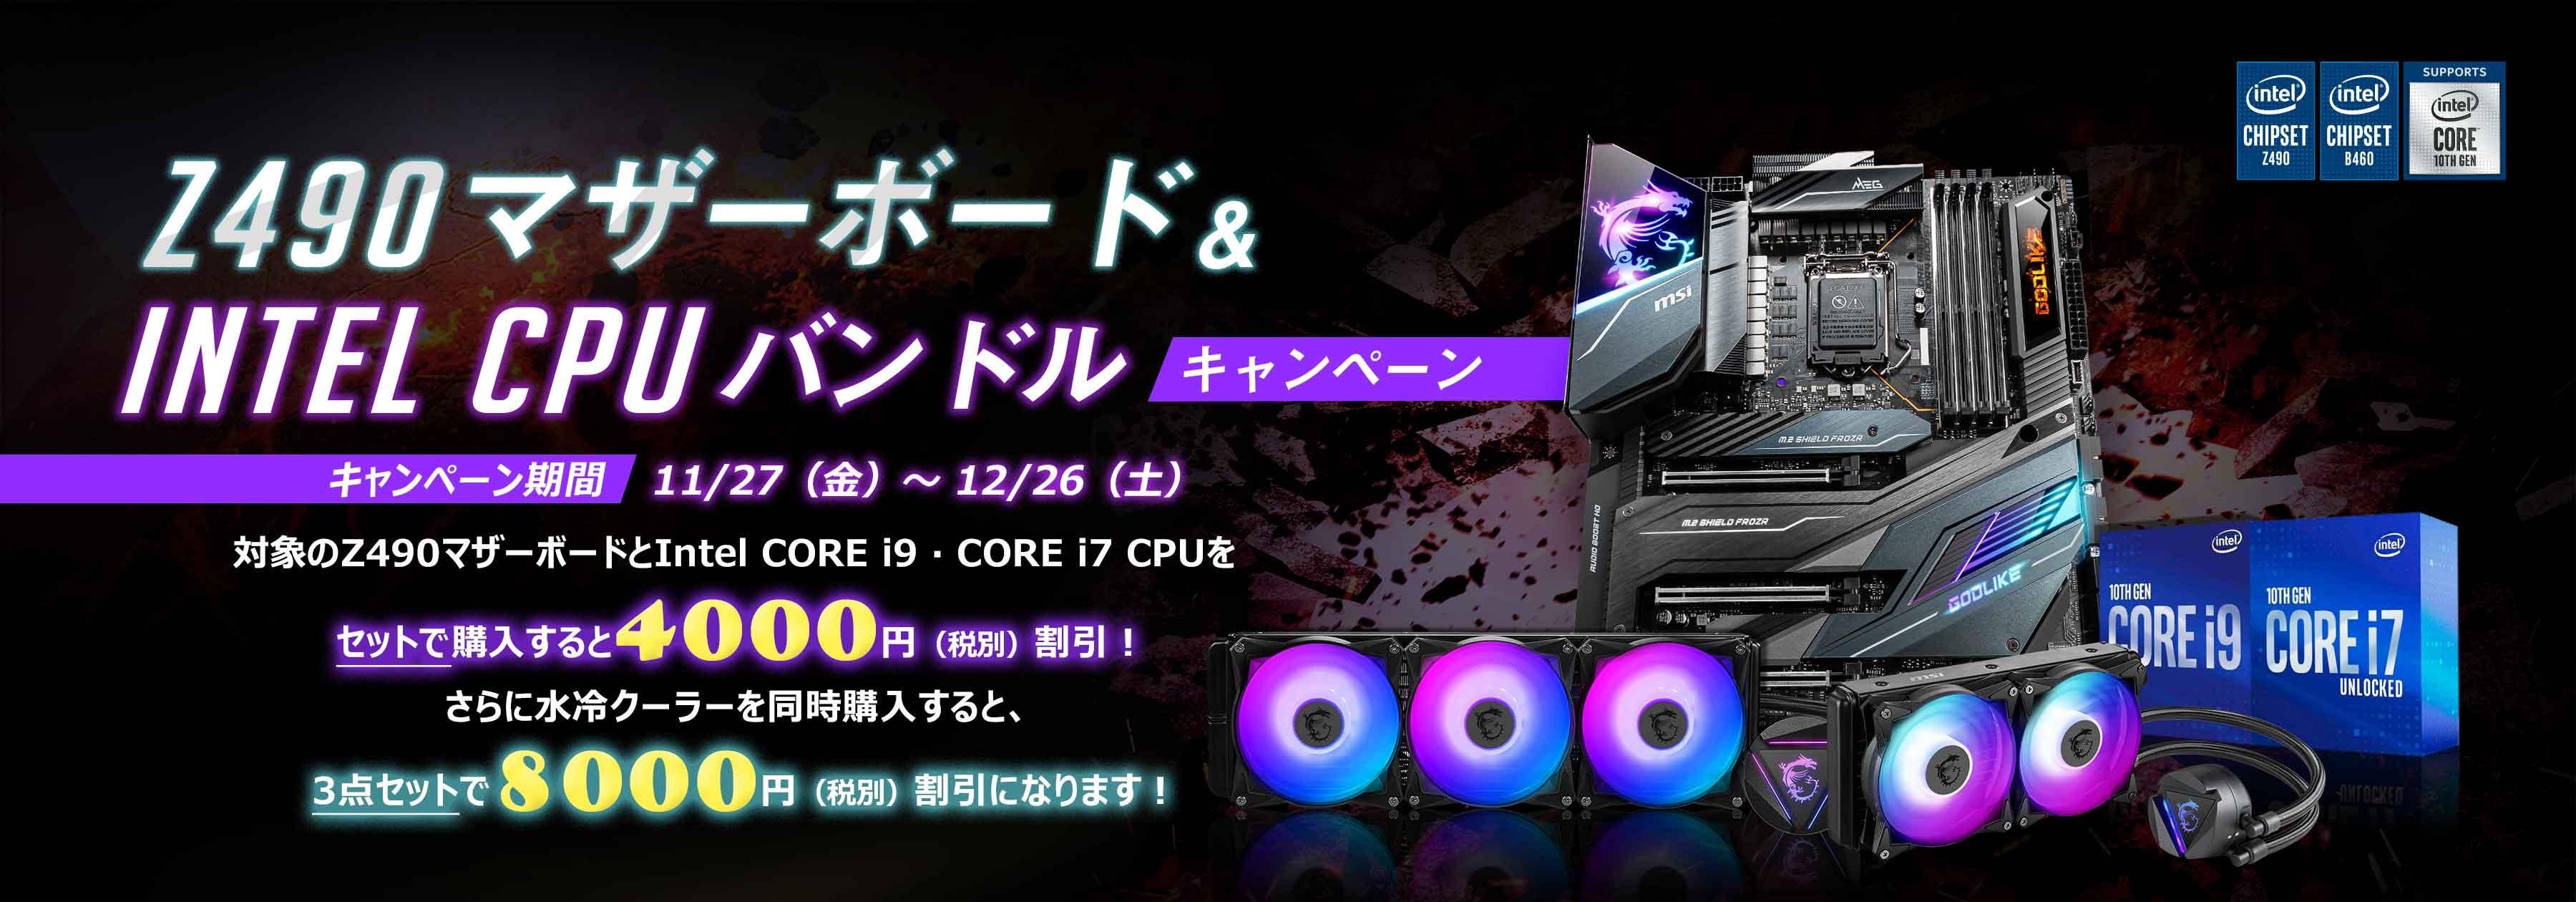 最大8,000円割引!対象製品をセットで購入するだけのお得なキャンペーン MSI、「Z490 マザーボード&Intel CPU バンドル キャンペーン」開催のお知らせ Intel第10世代CPUとマザーボード、水冷クーラーを試すチャンス!